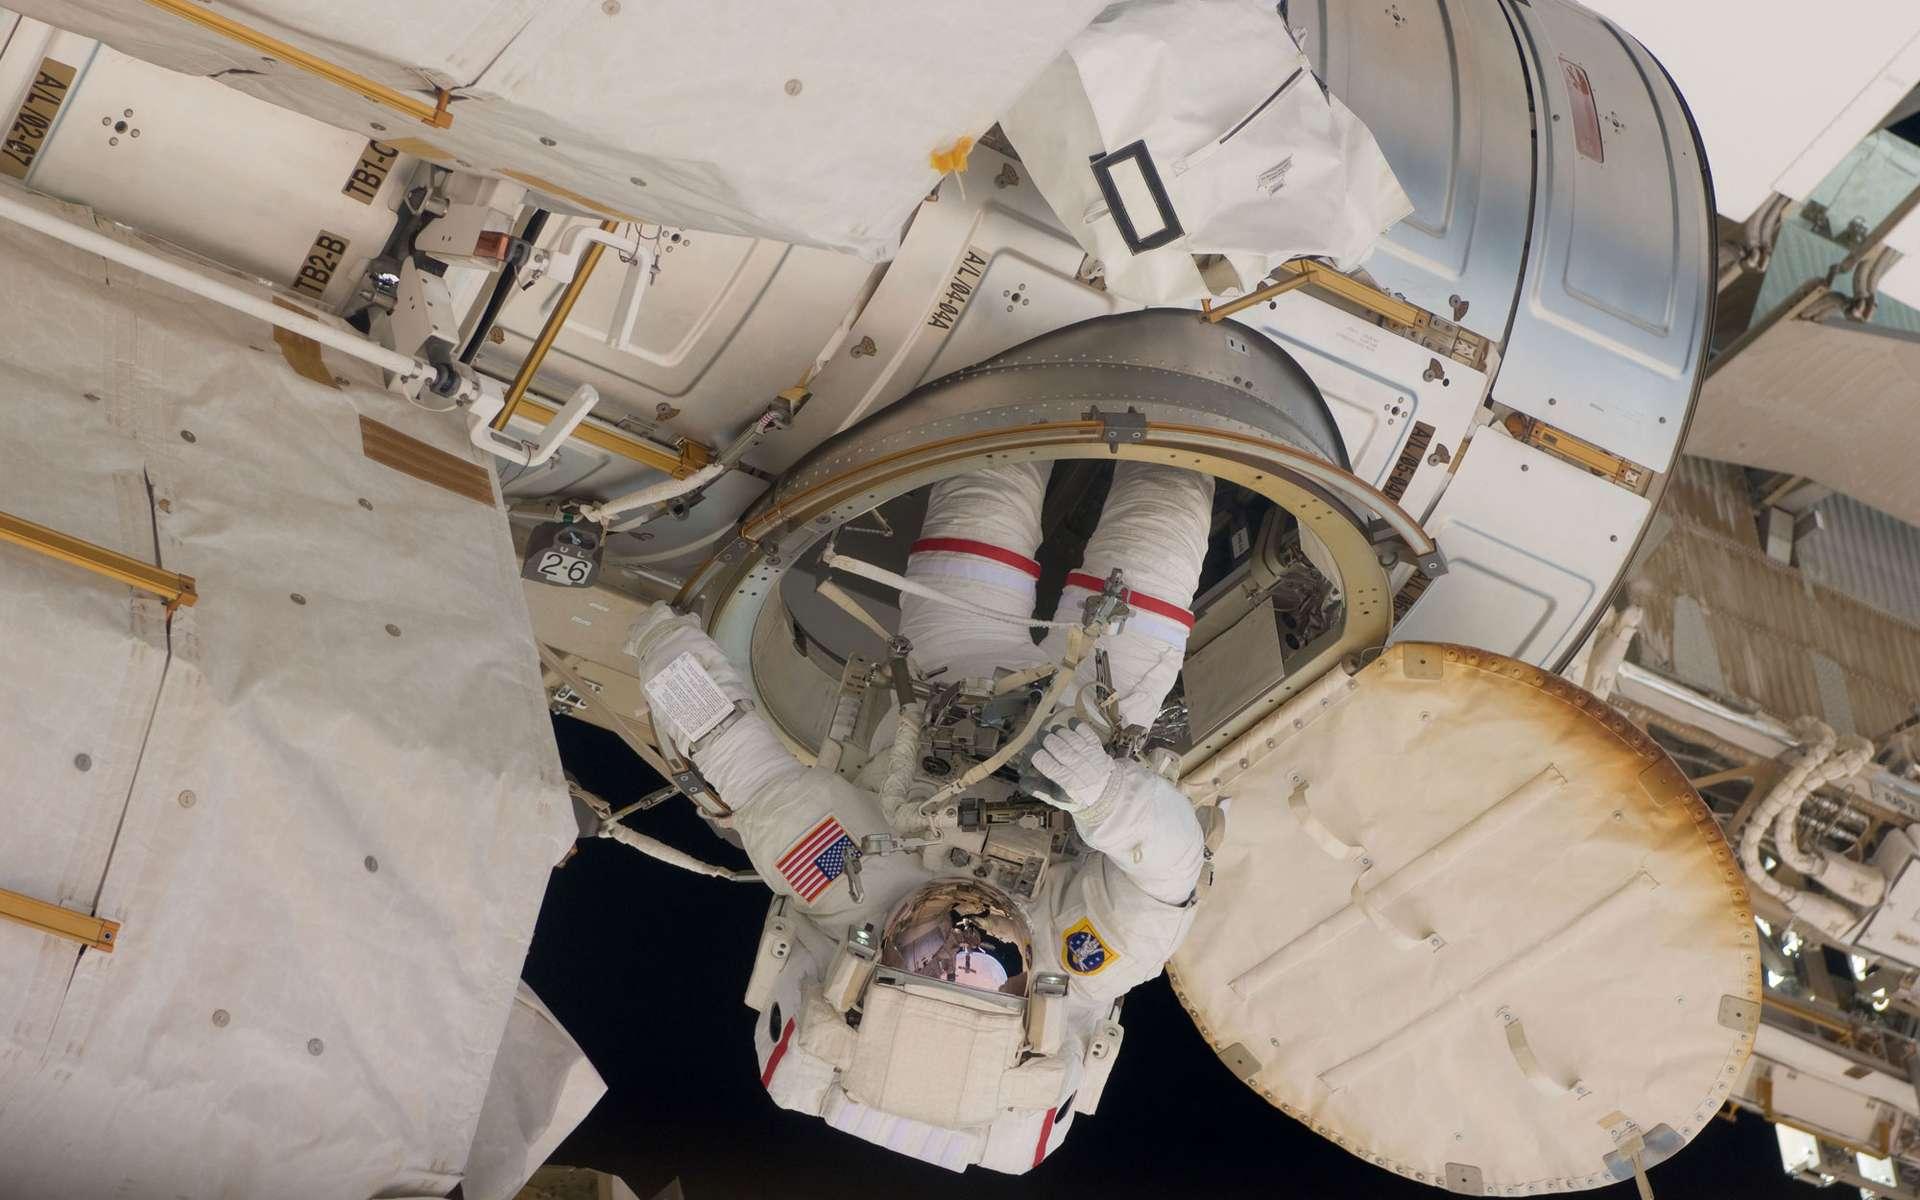 L'actuel sas de sortie dans l'espace de la Station spatiale internationale. Ici, l'astronaute Andrew Feustel réintégrant la station après une sortie dans l'espace. Une structure gonflable rendrait les mêmes services, pour une masse bien plus faible. © Nasa